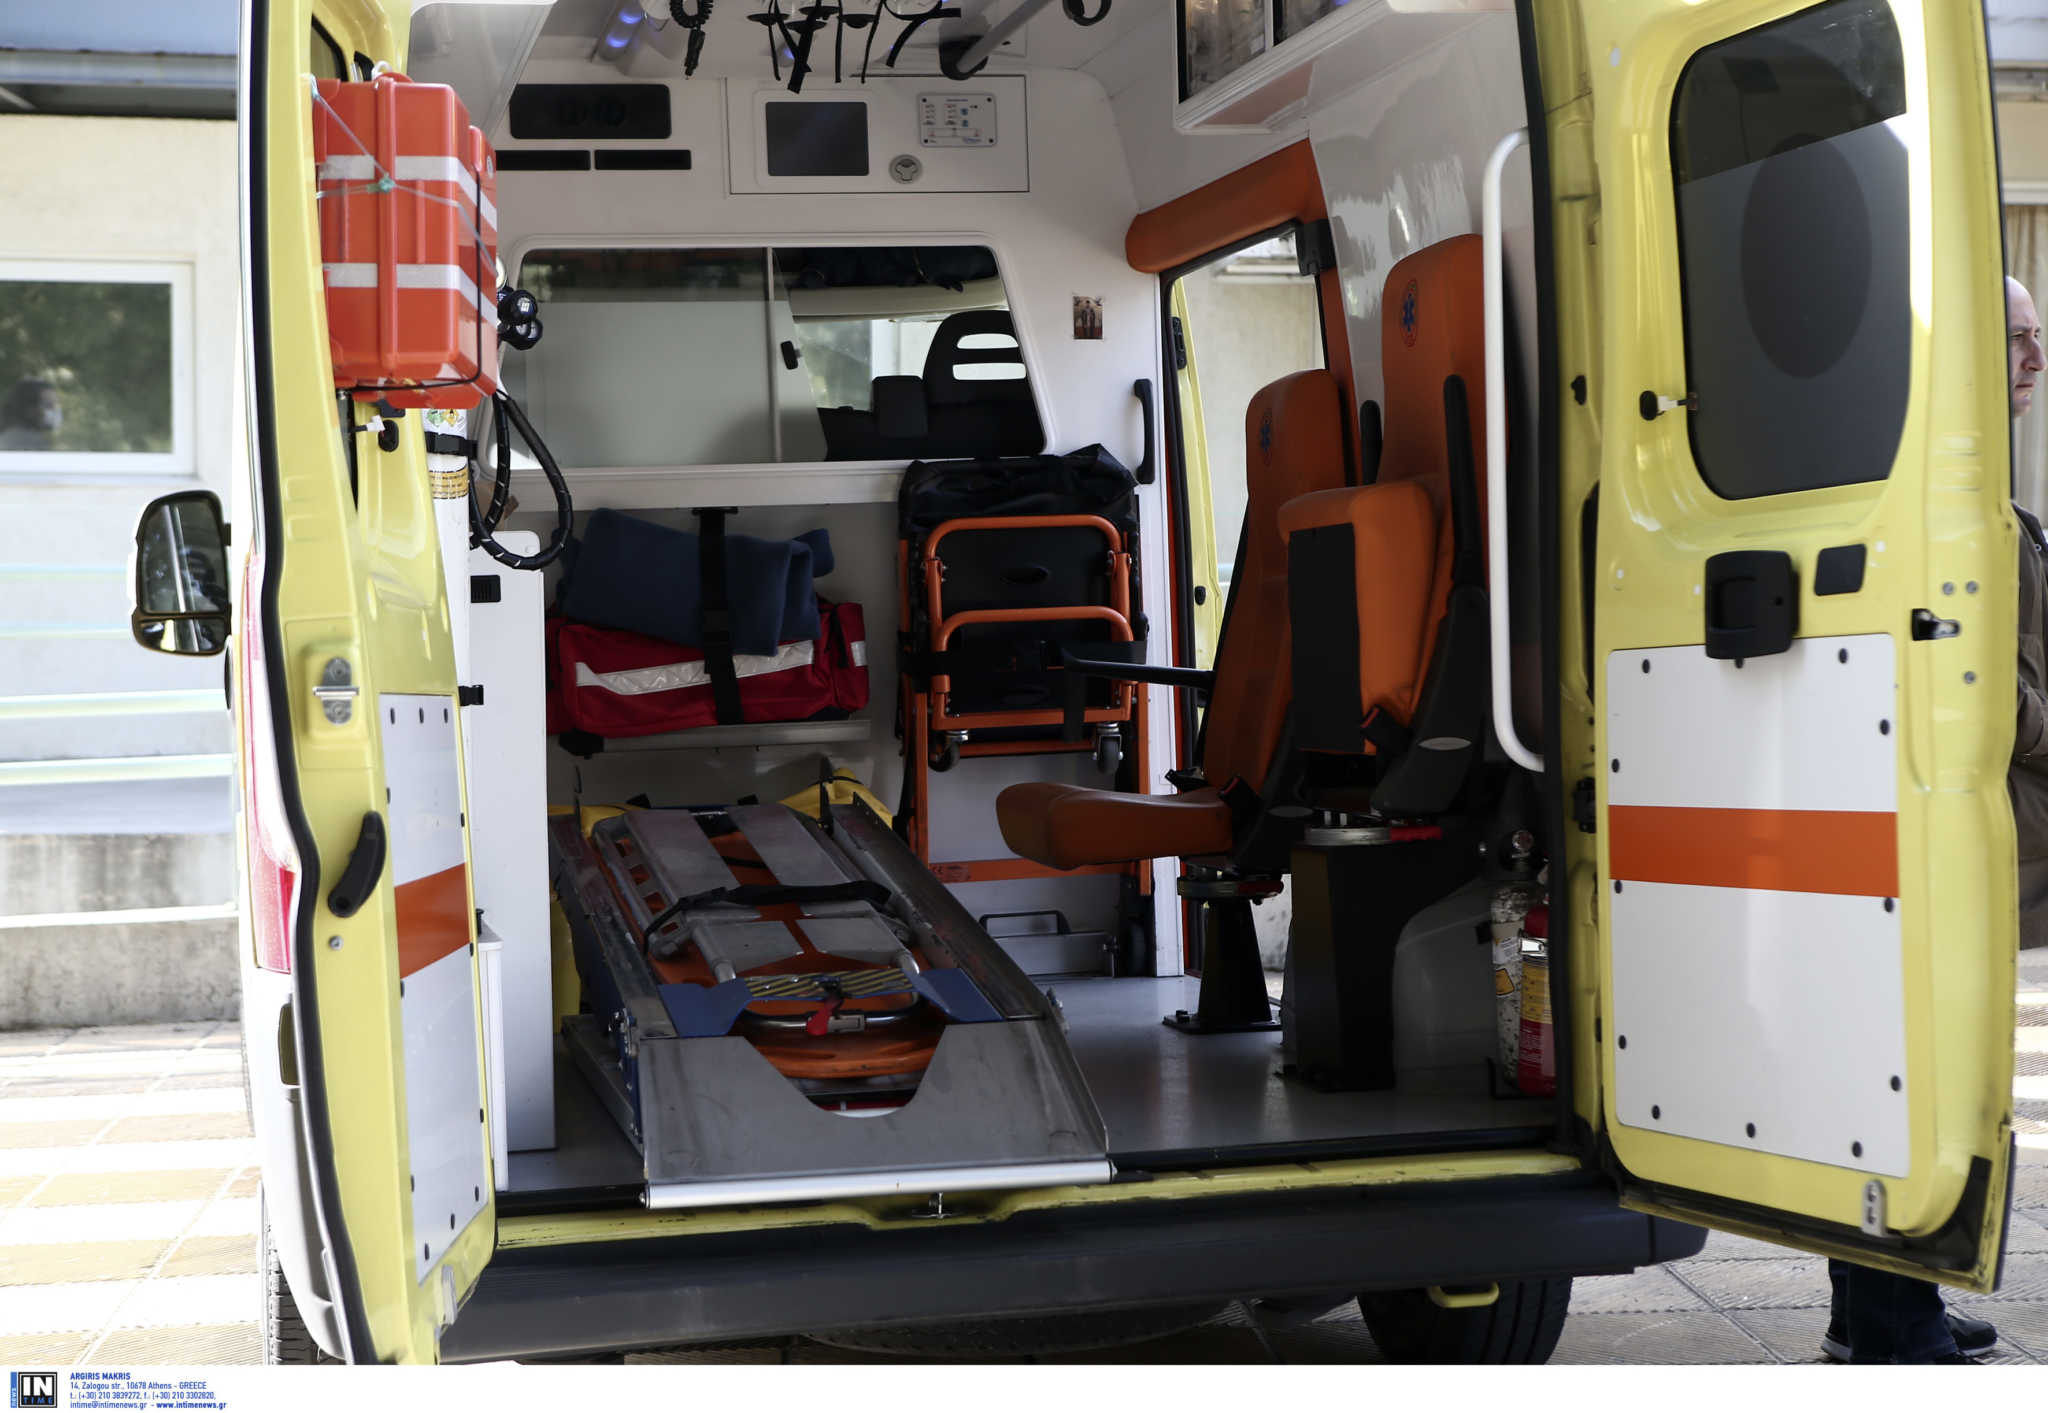 """Εργαζόμενος στην Κρήτη τραυματίστηκε σε αρτοπαρασκευαστήριο  όταν """"Πιάστηκε"""" το χέρι του σε μηχάνημα"""